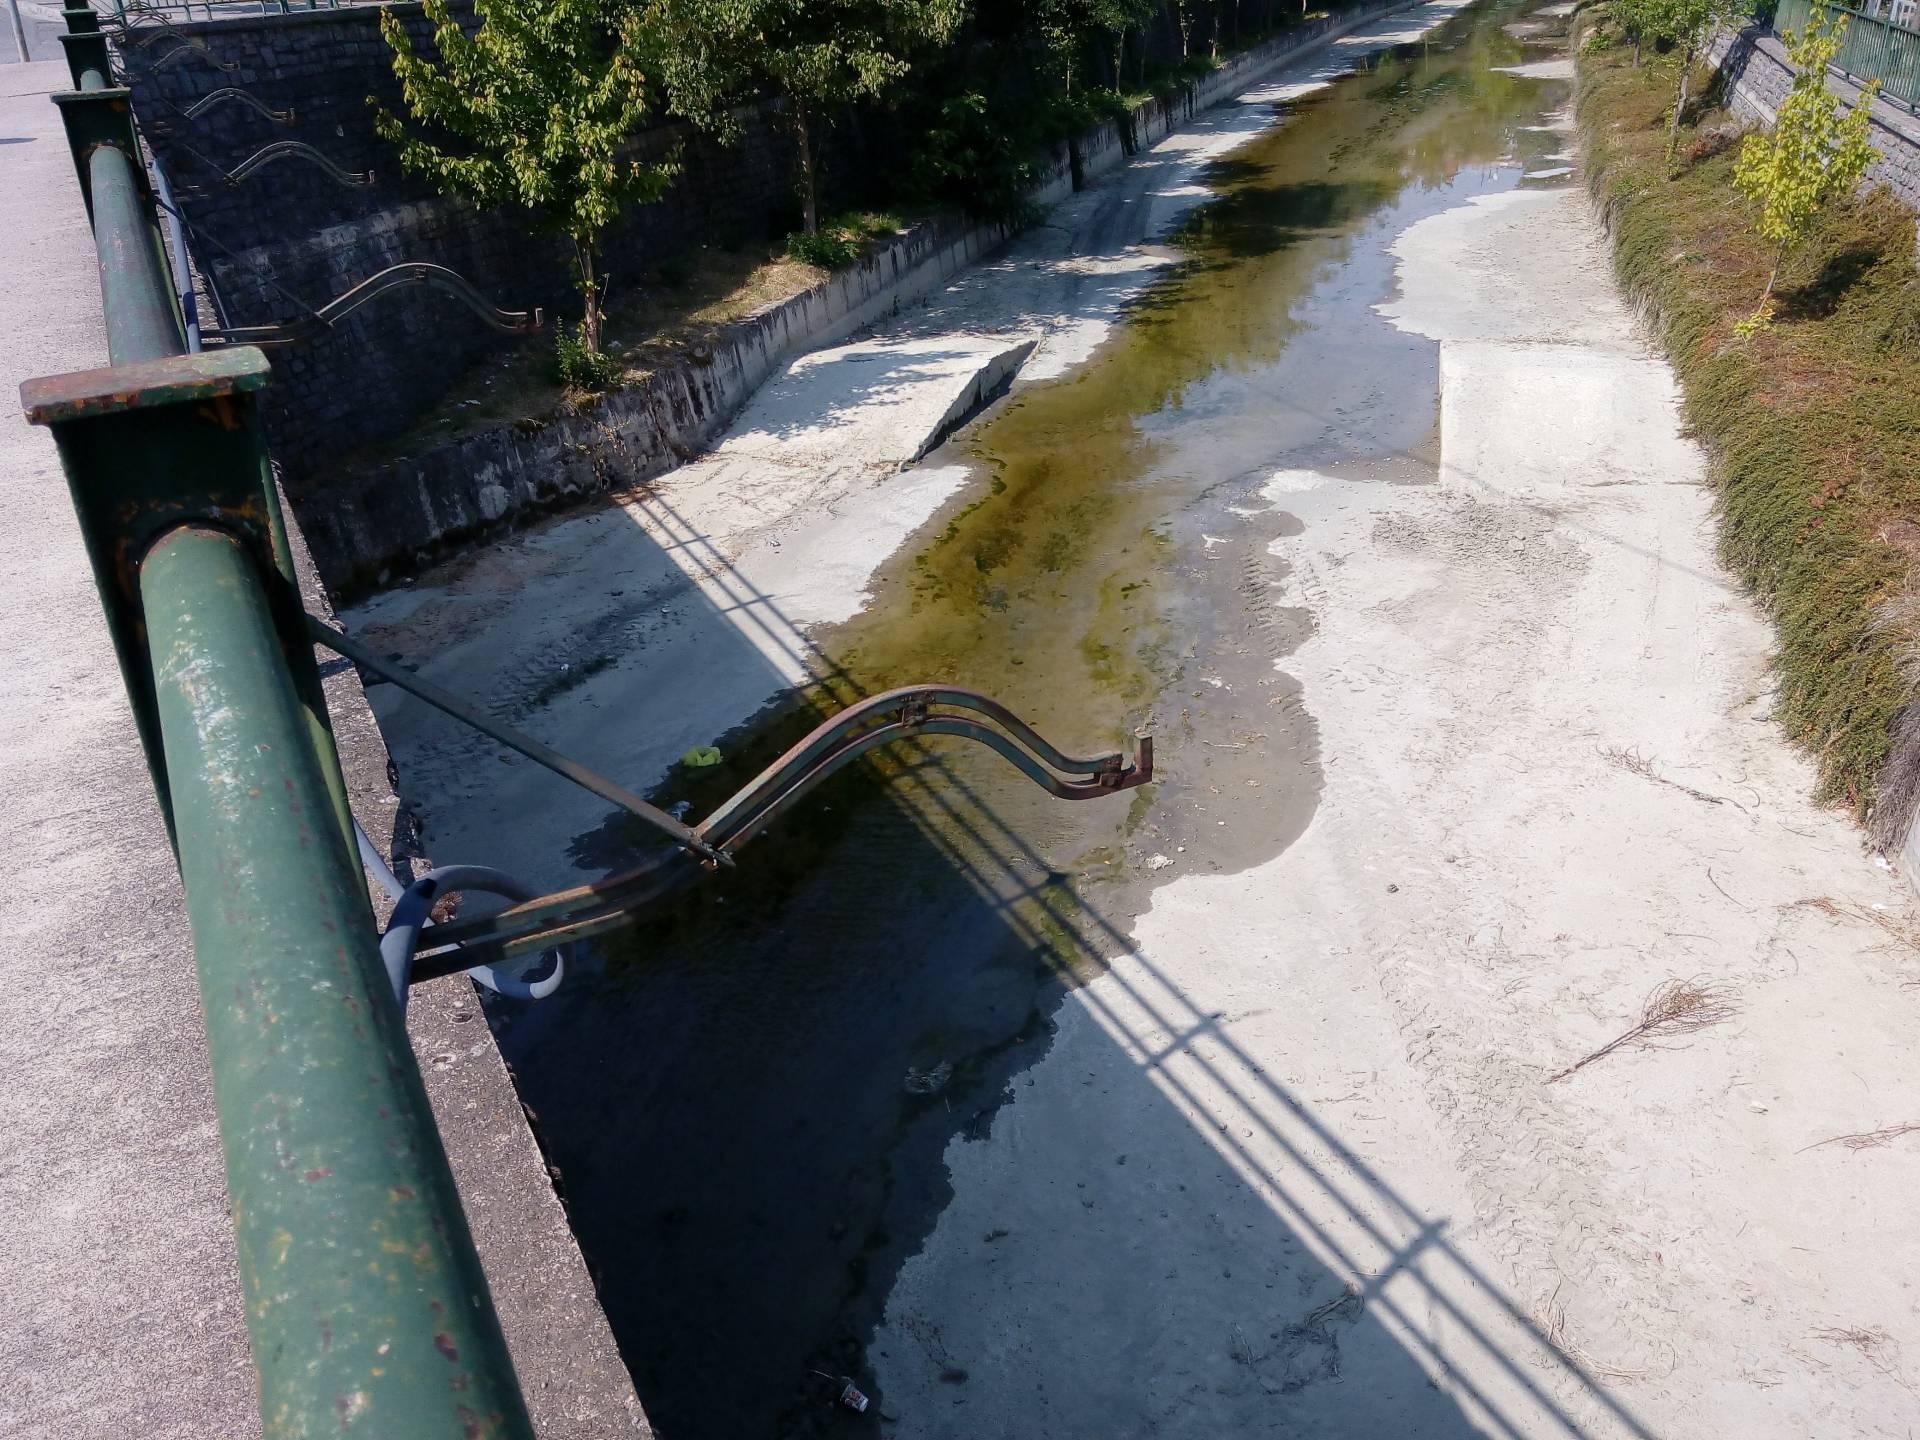 Έτοιμος να στερέψει και ο ποταμός Γρεβενίτης… (Φωτογραφίες)